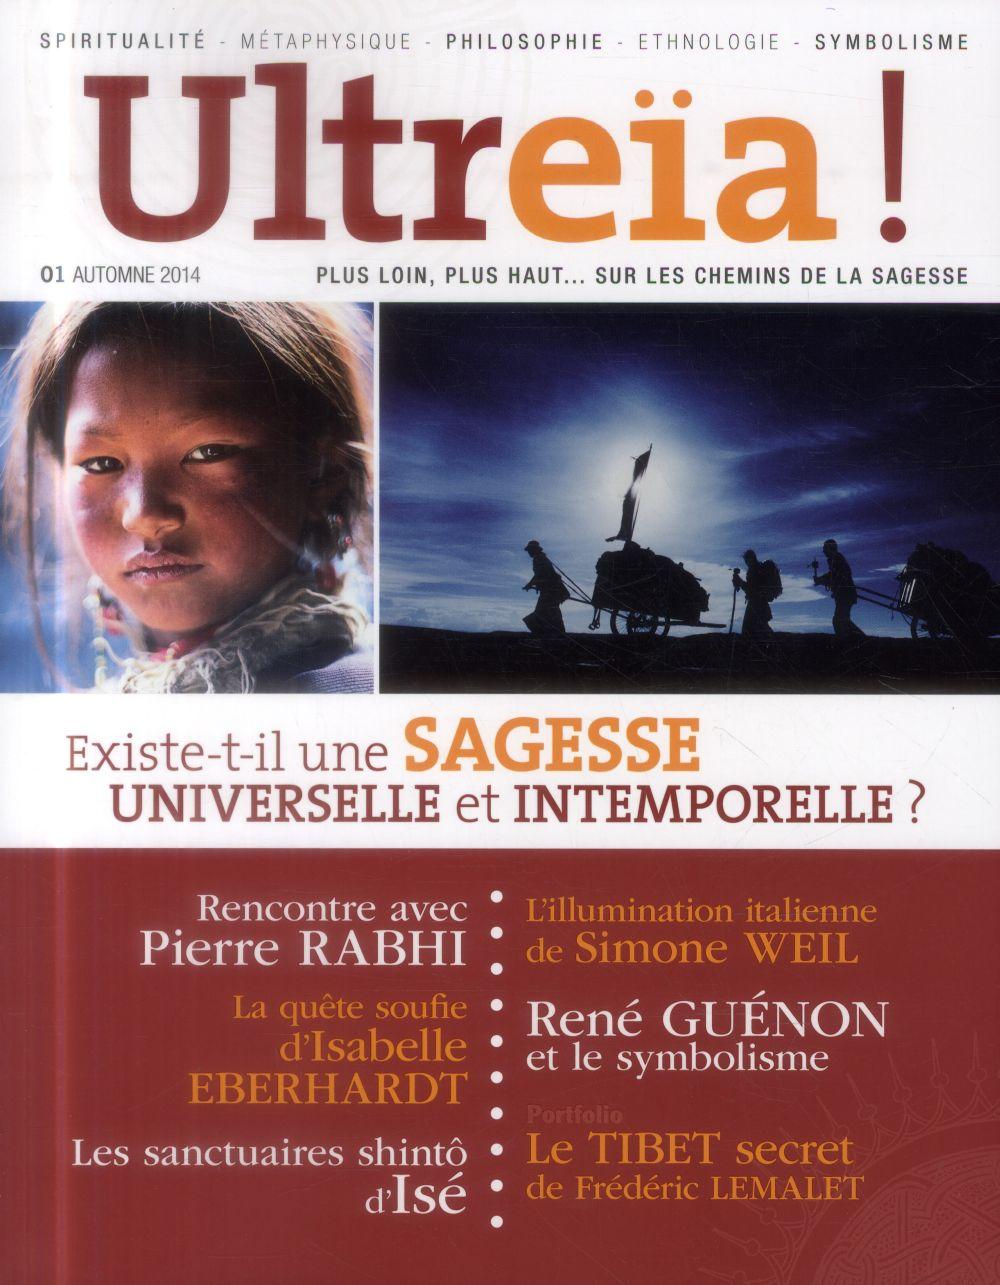 ULTREIA ! 1 - VOLUME 01